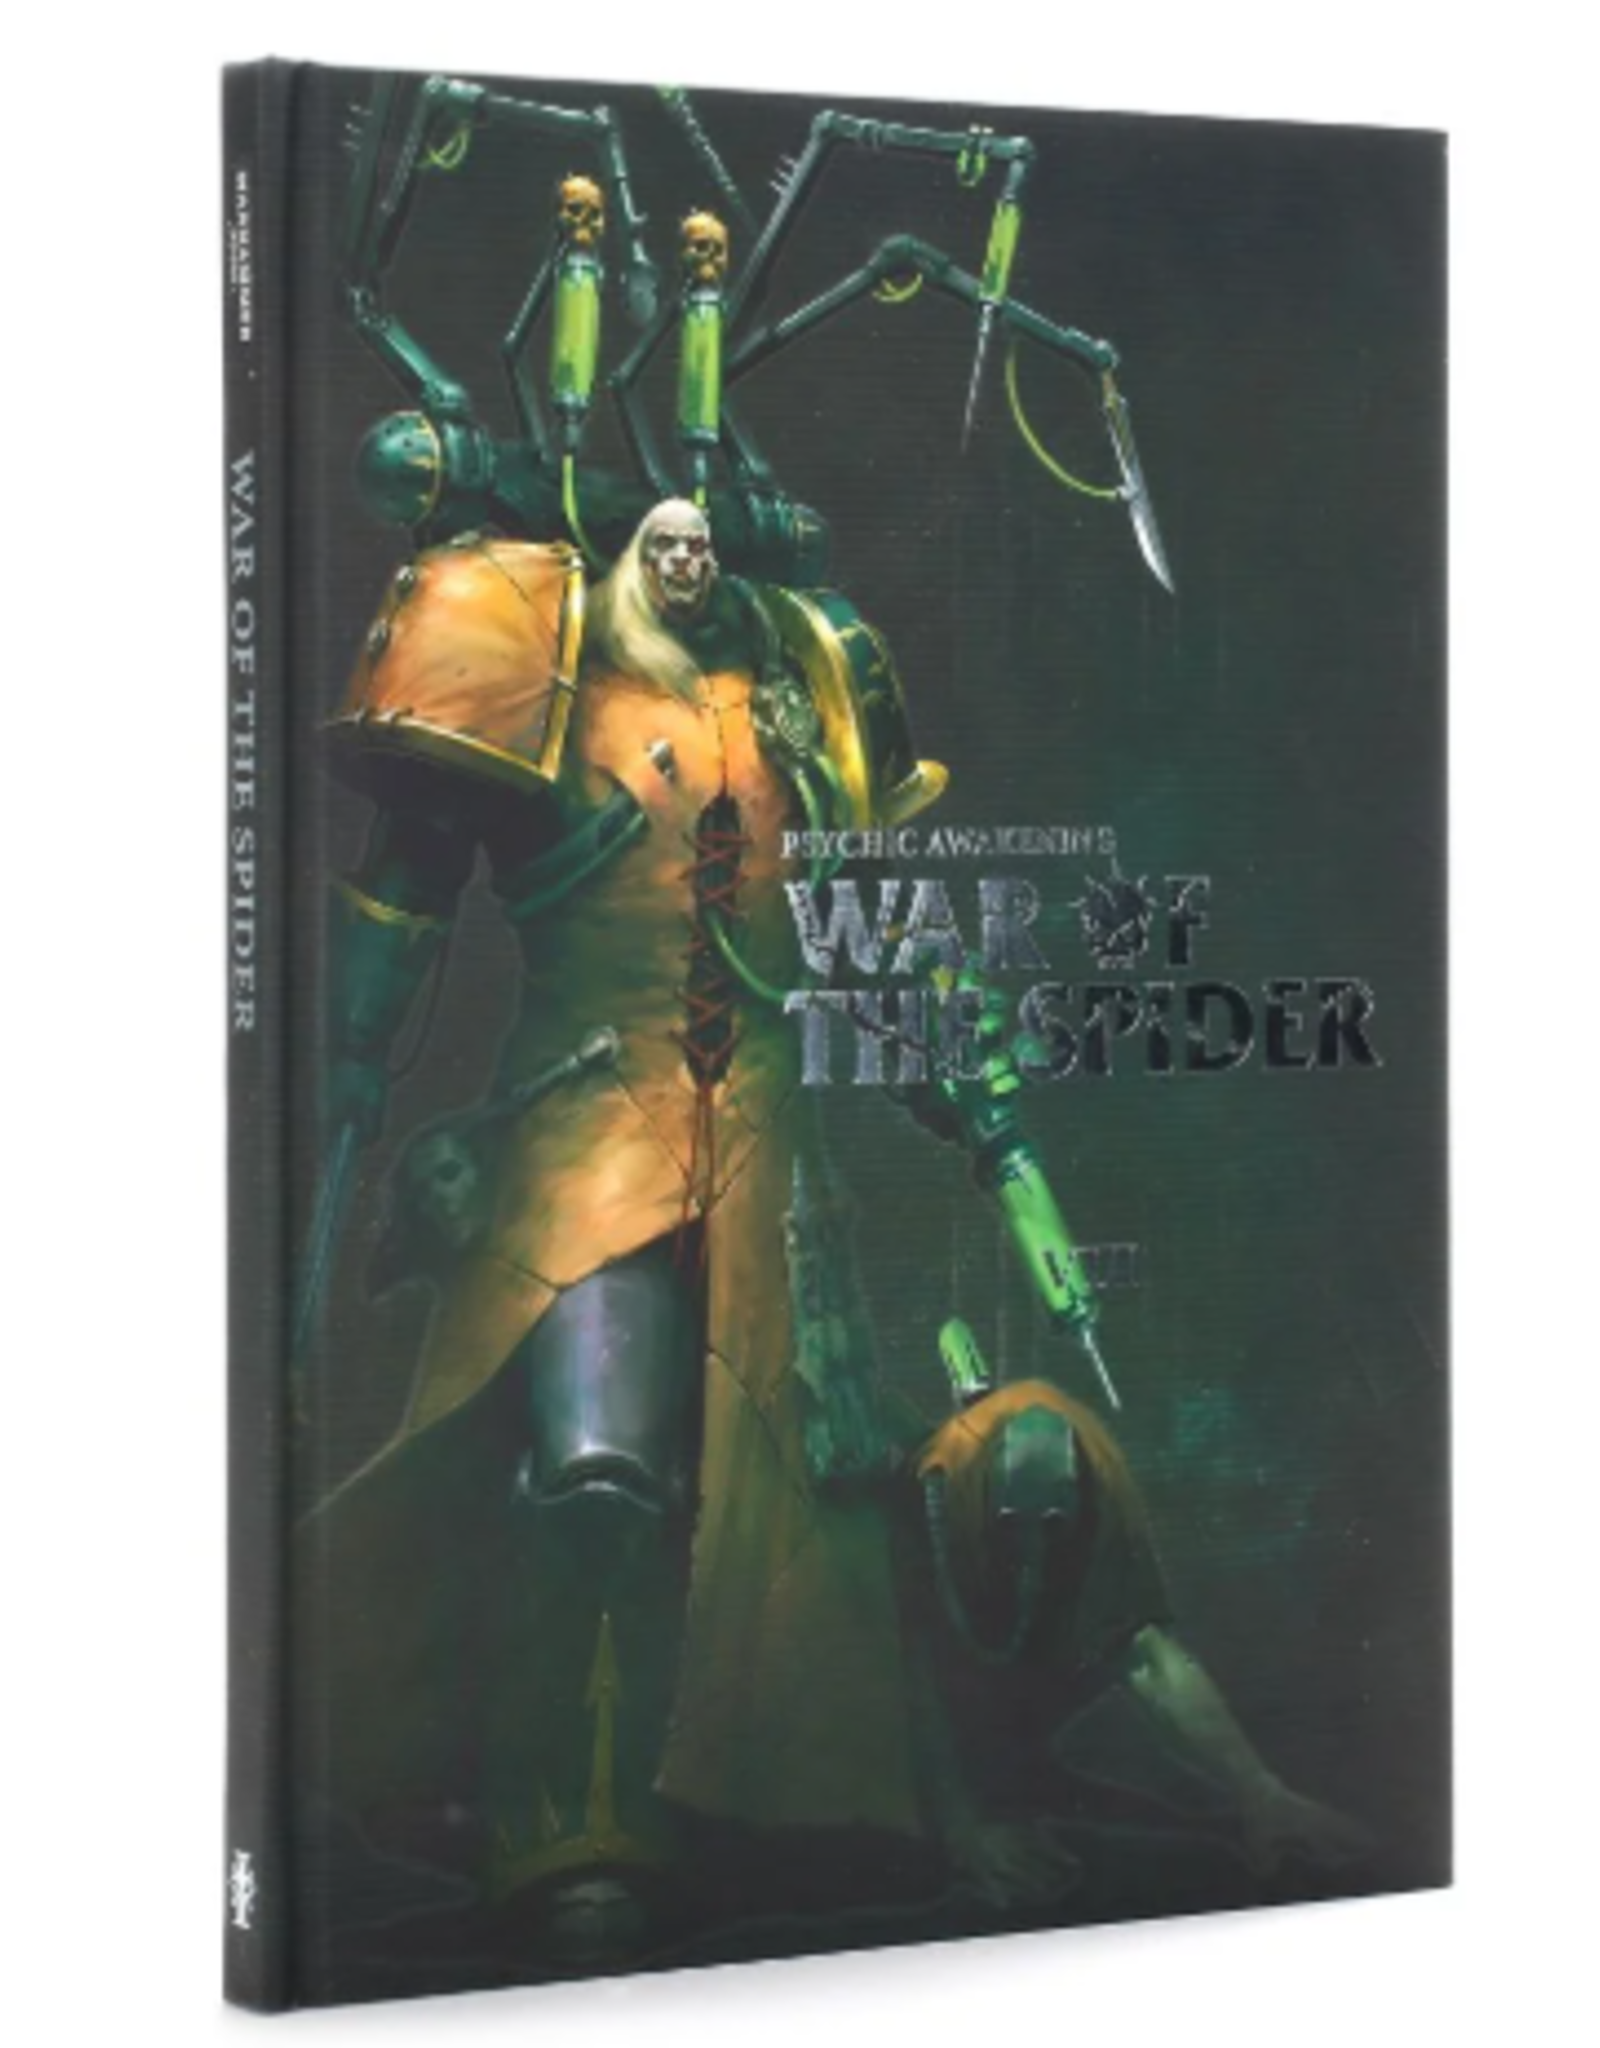 Games Workshop Psychic Awakening: War of the Spider